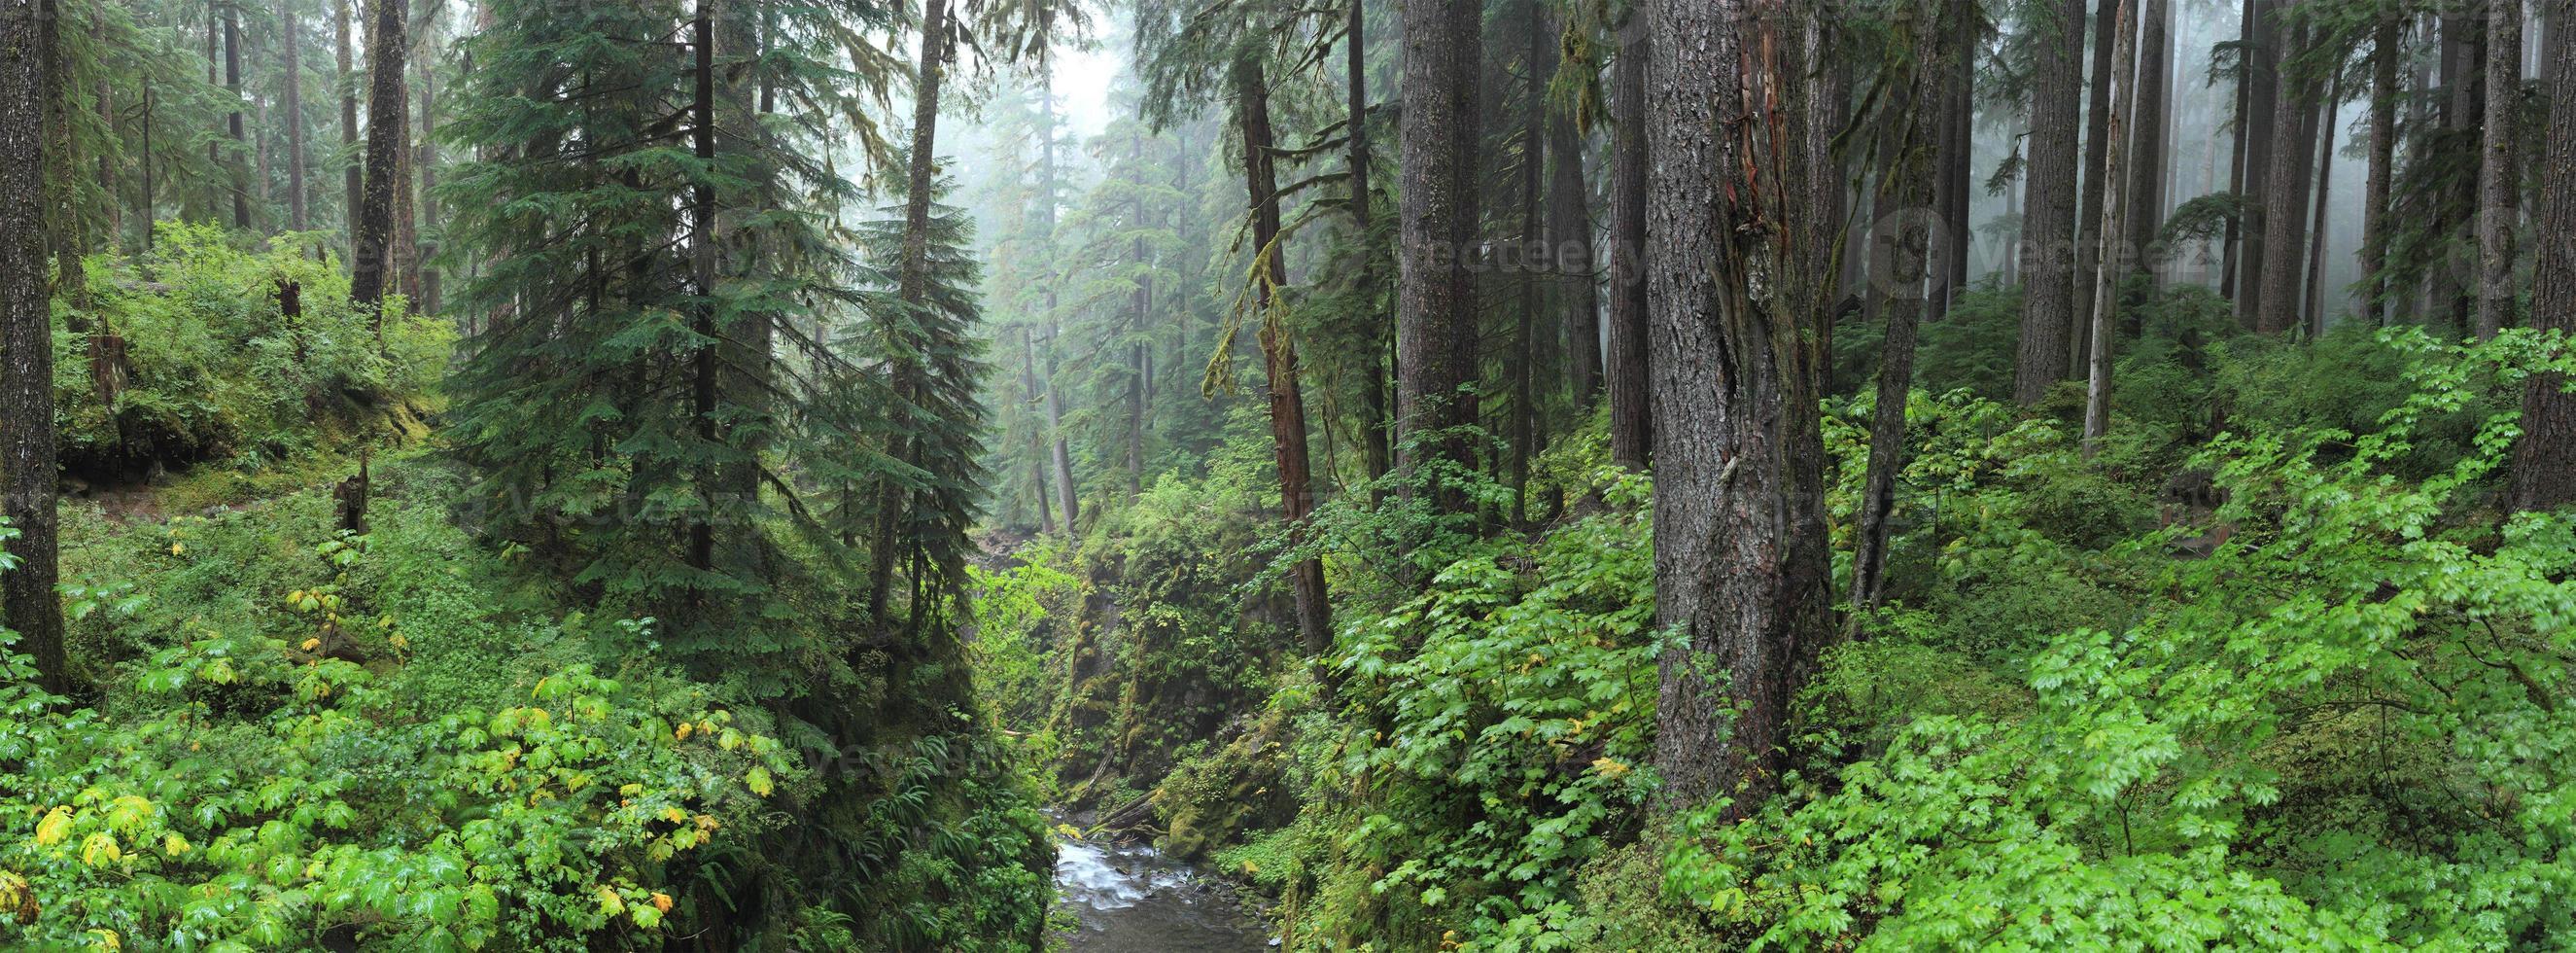 hoh foresta pluviale foto